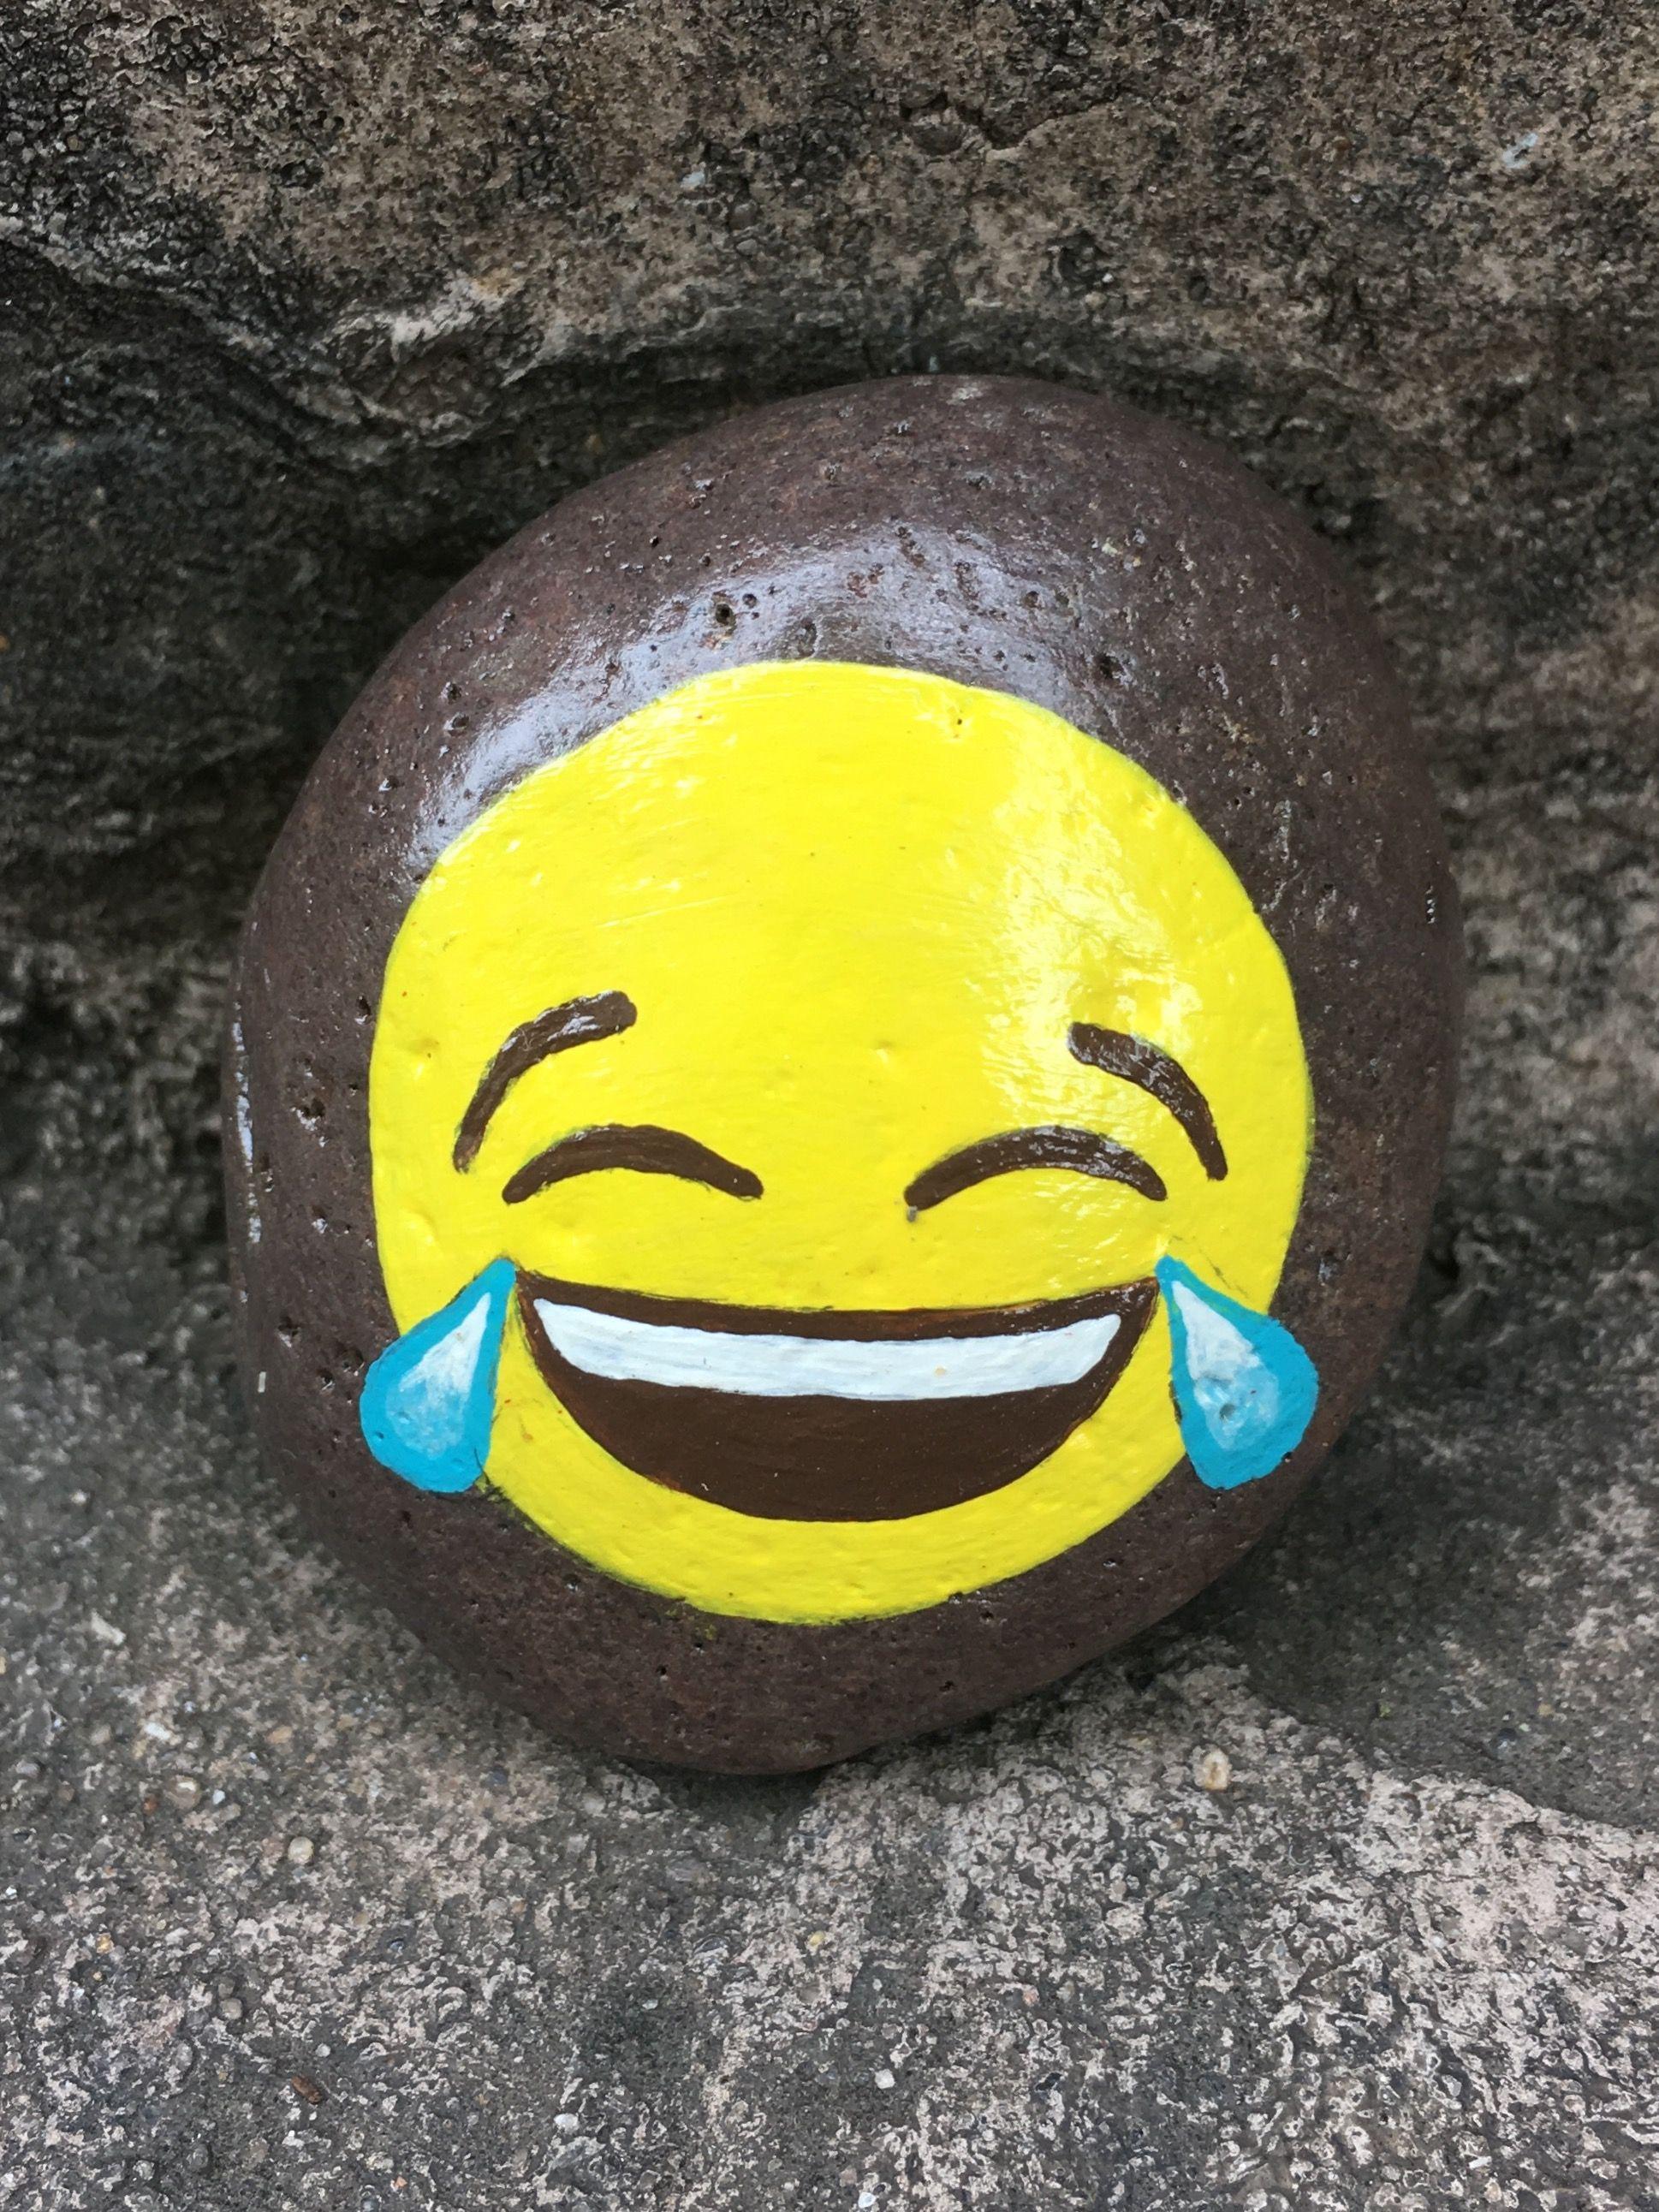 Painted emoji rock by Christa Keeler Painted rocks kids